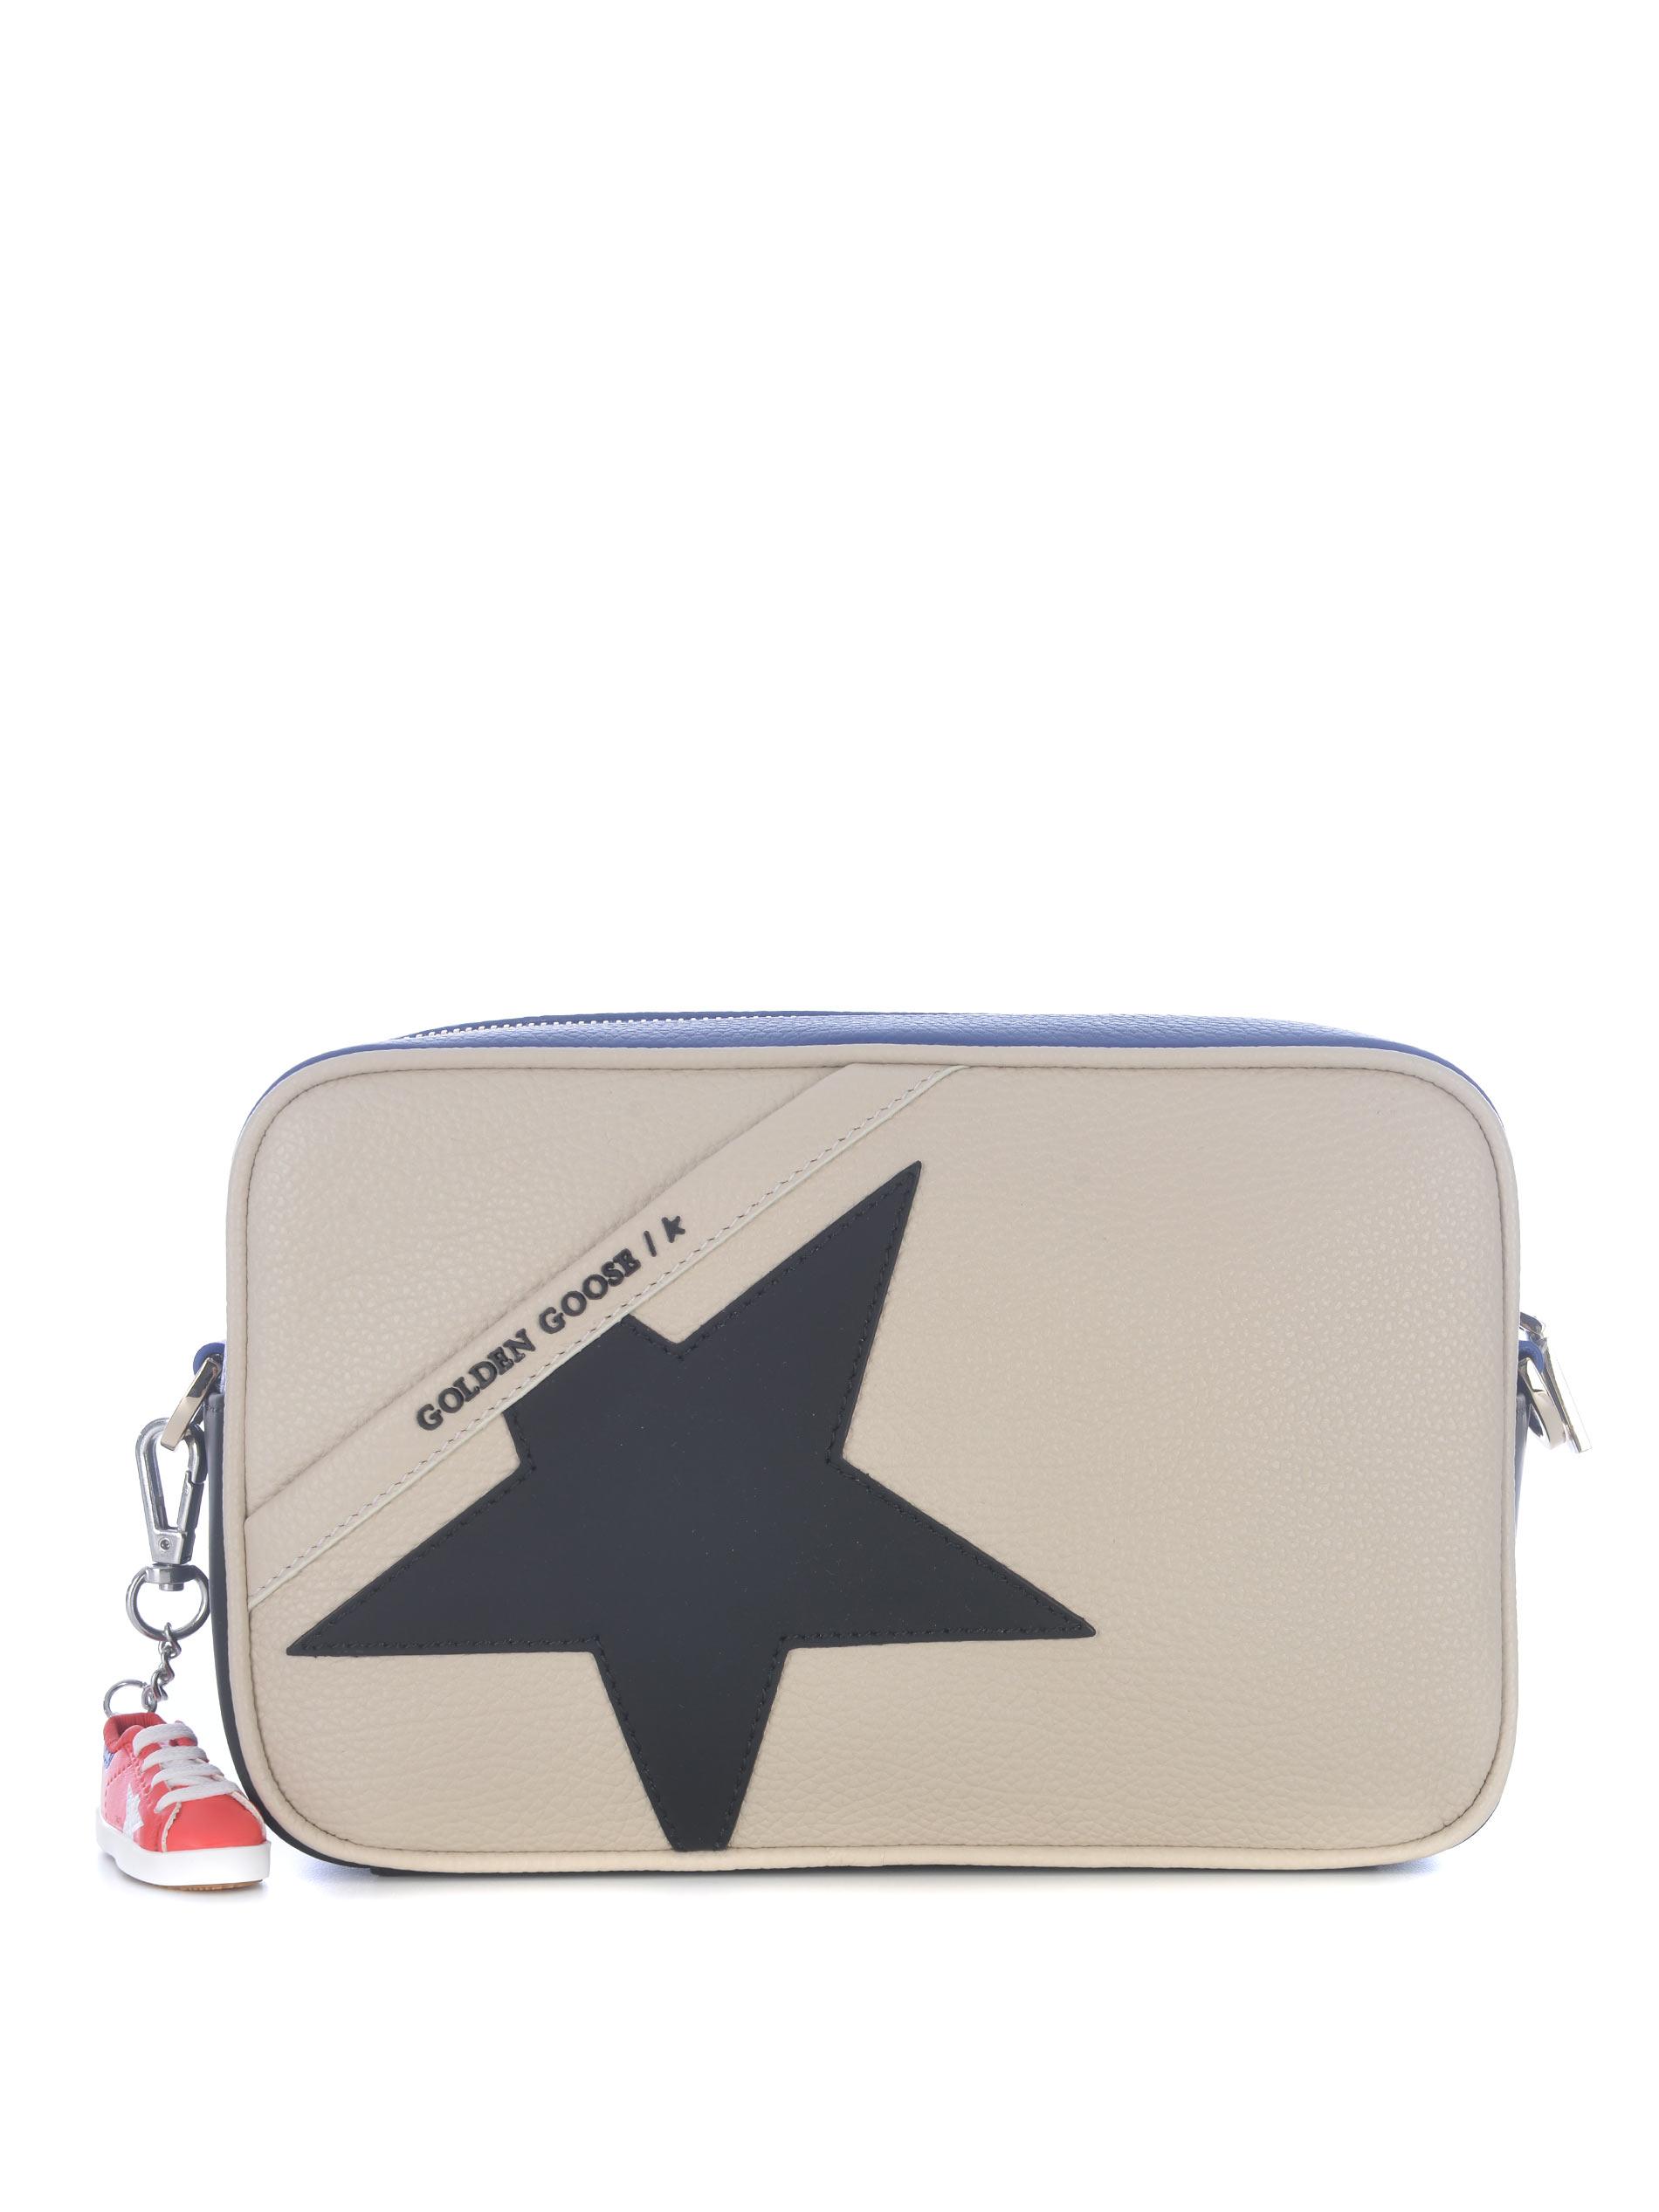 Borsetta a tracolla Golden Goose  Star Bag in pelle  GOLDEN GOOSE   5032268   GWA00101A000192-80751